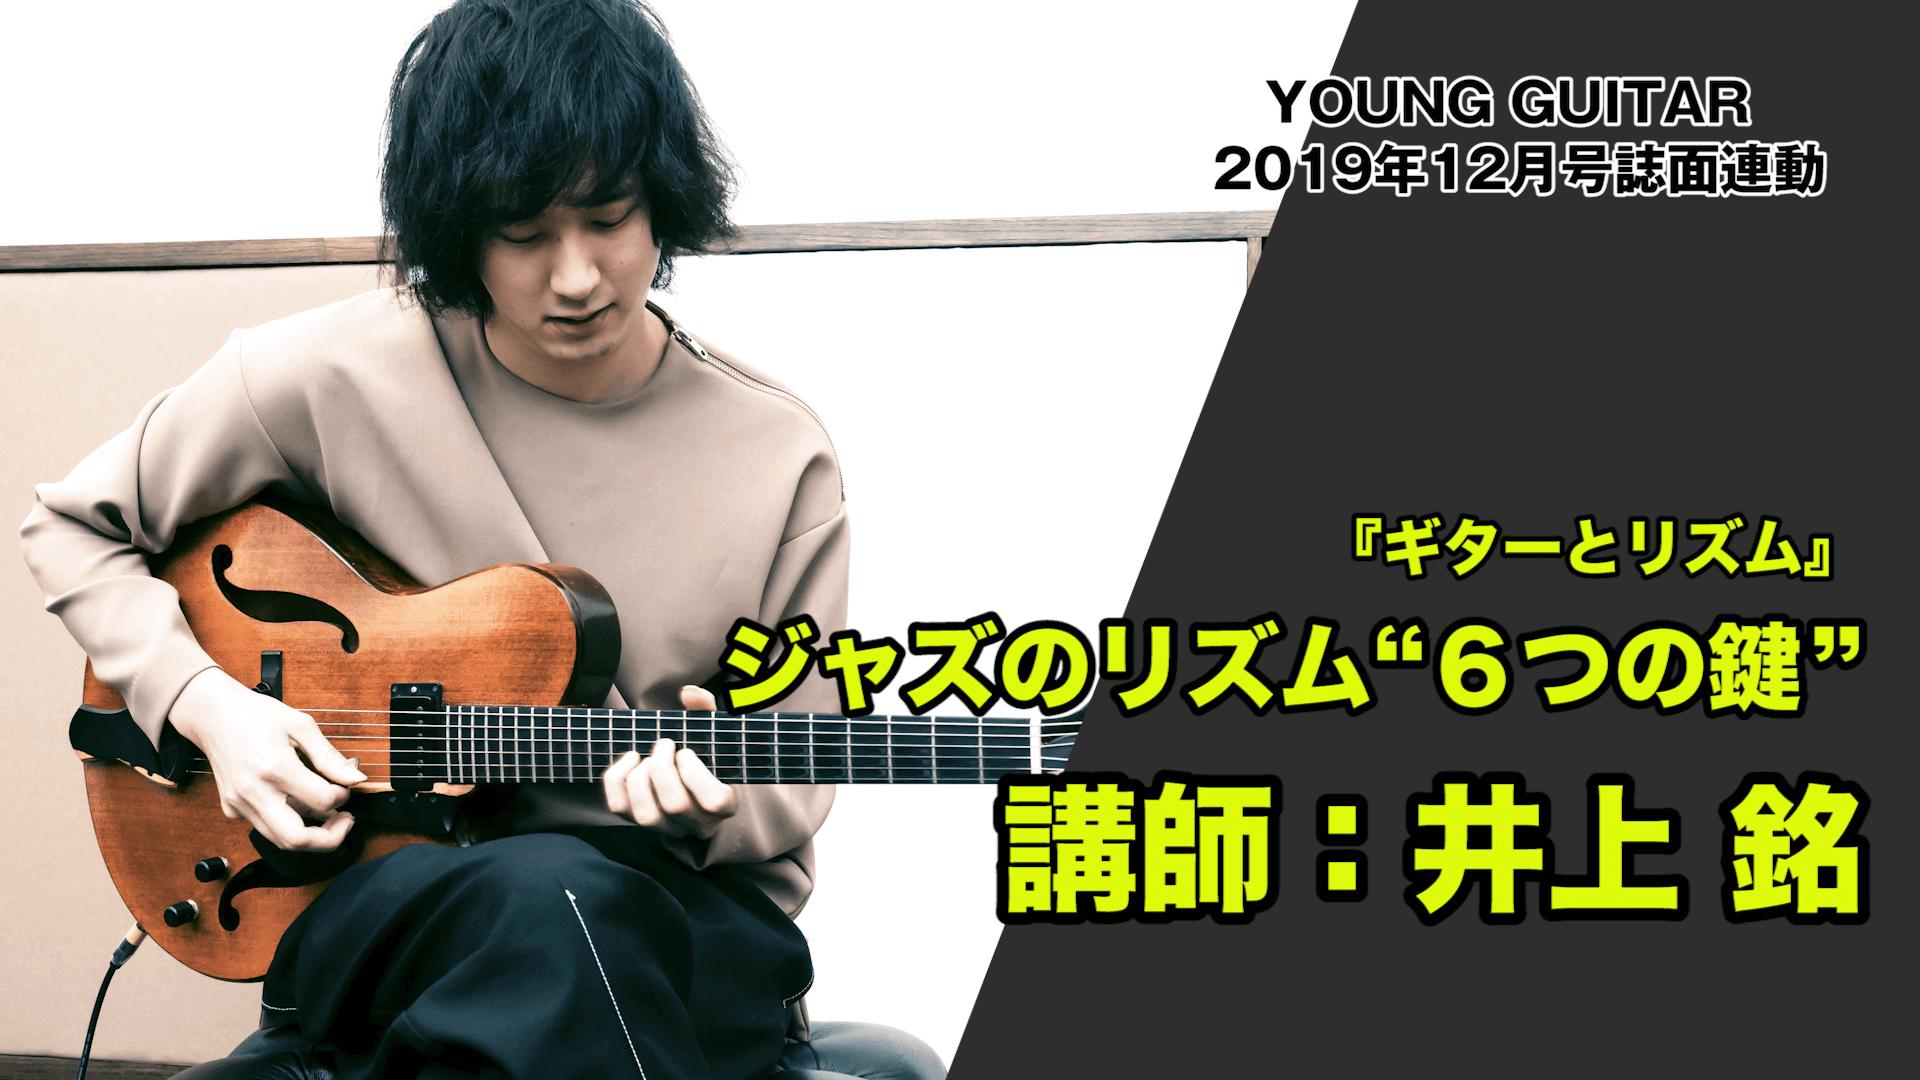 """ジャズのリズム""""6つの鍵""""(井上 銘) ヤング・ギター12月号『ギターとリズム』誌面連動映像"""